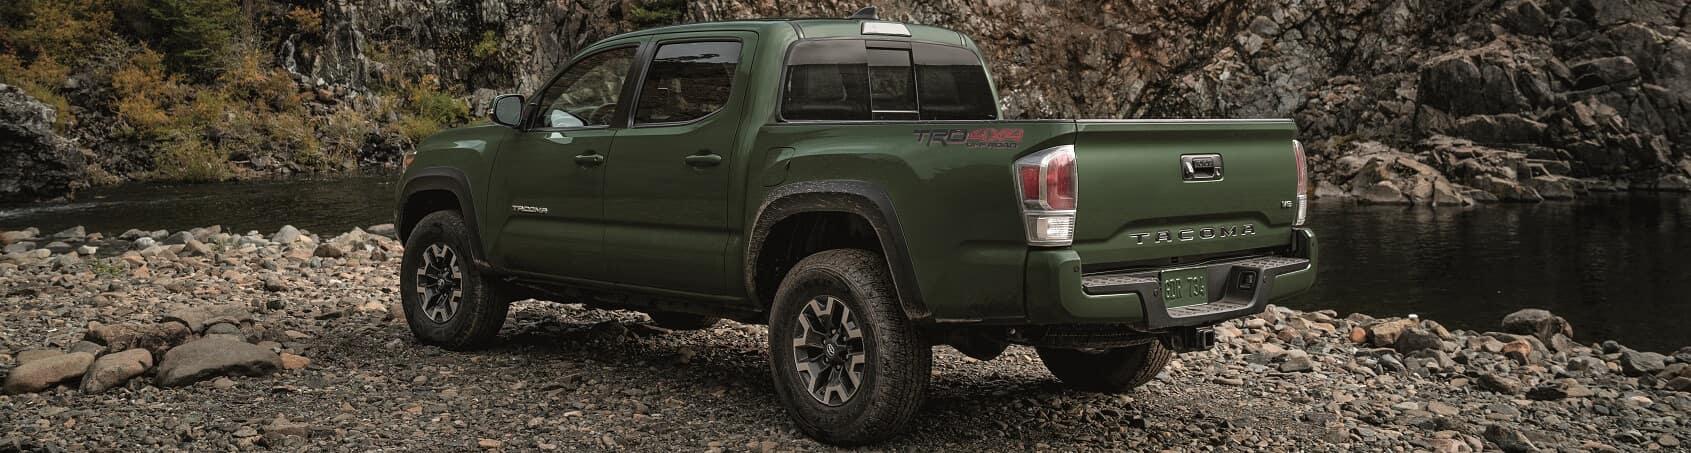 Toyota Tacoma vs Nissan Frontier